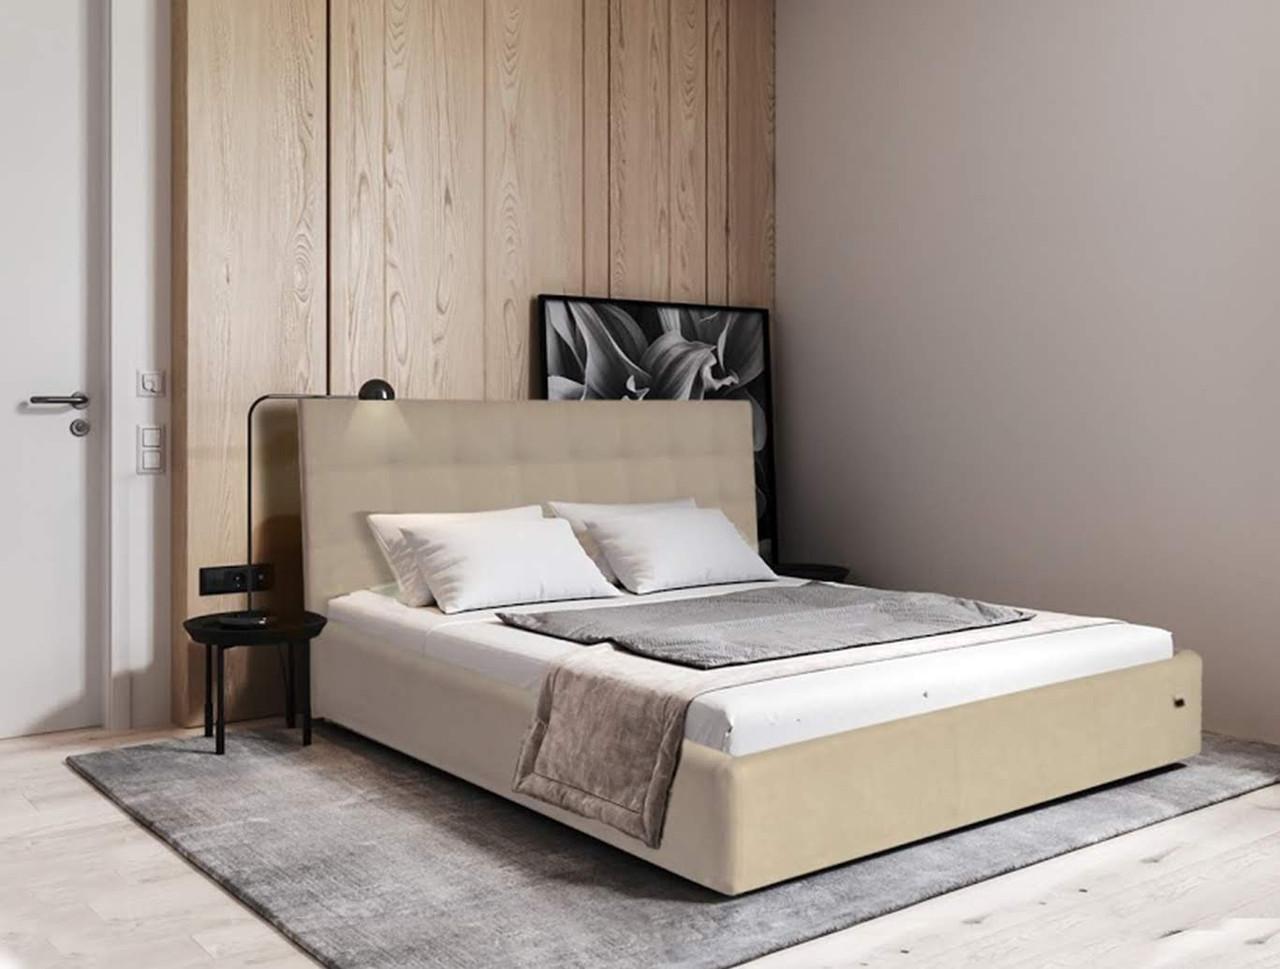 Кровать Chester Comfort 120 х 200 см Fly 2207 С подъемным механизмом и нишей для белья Бежевая